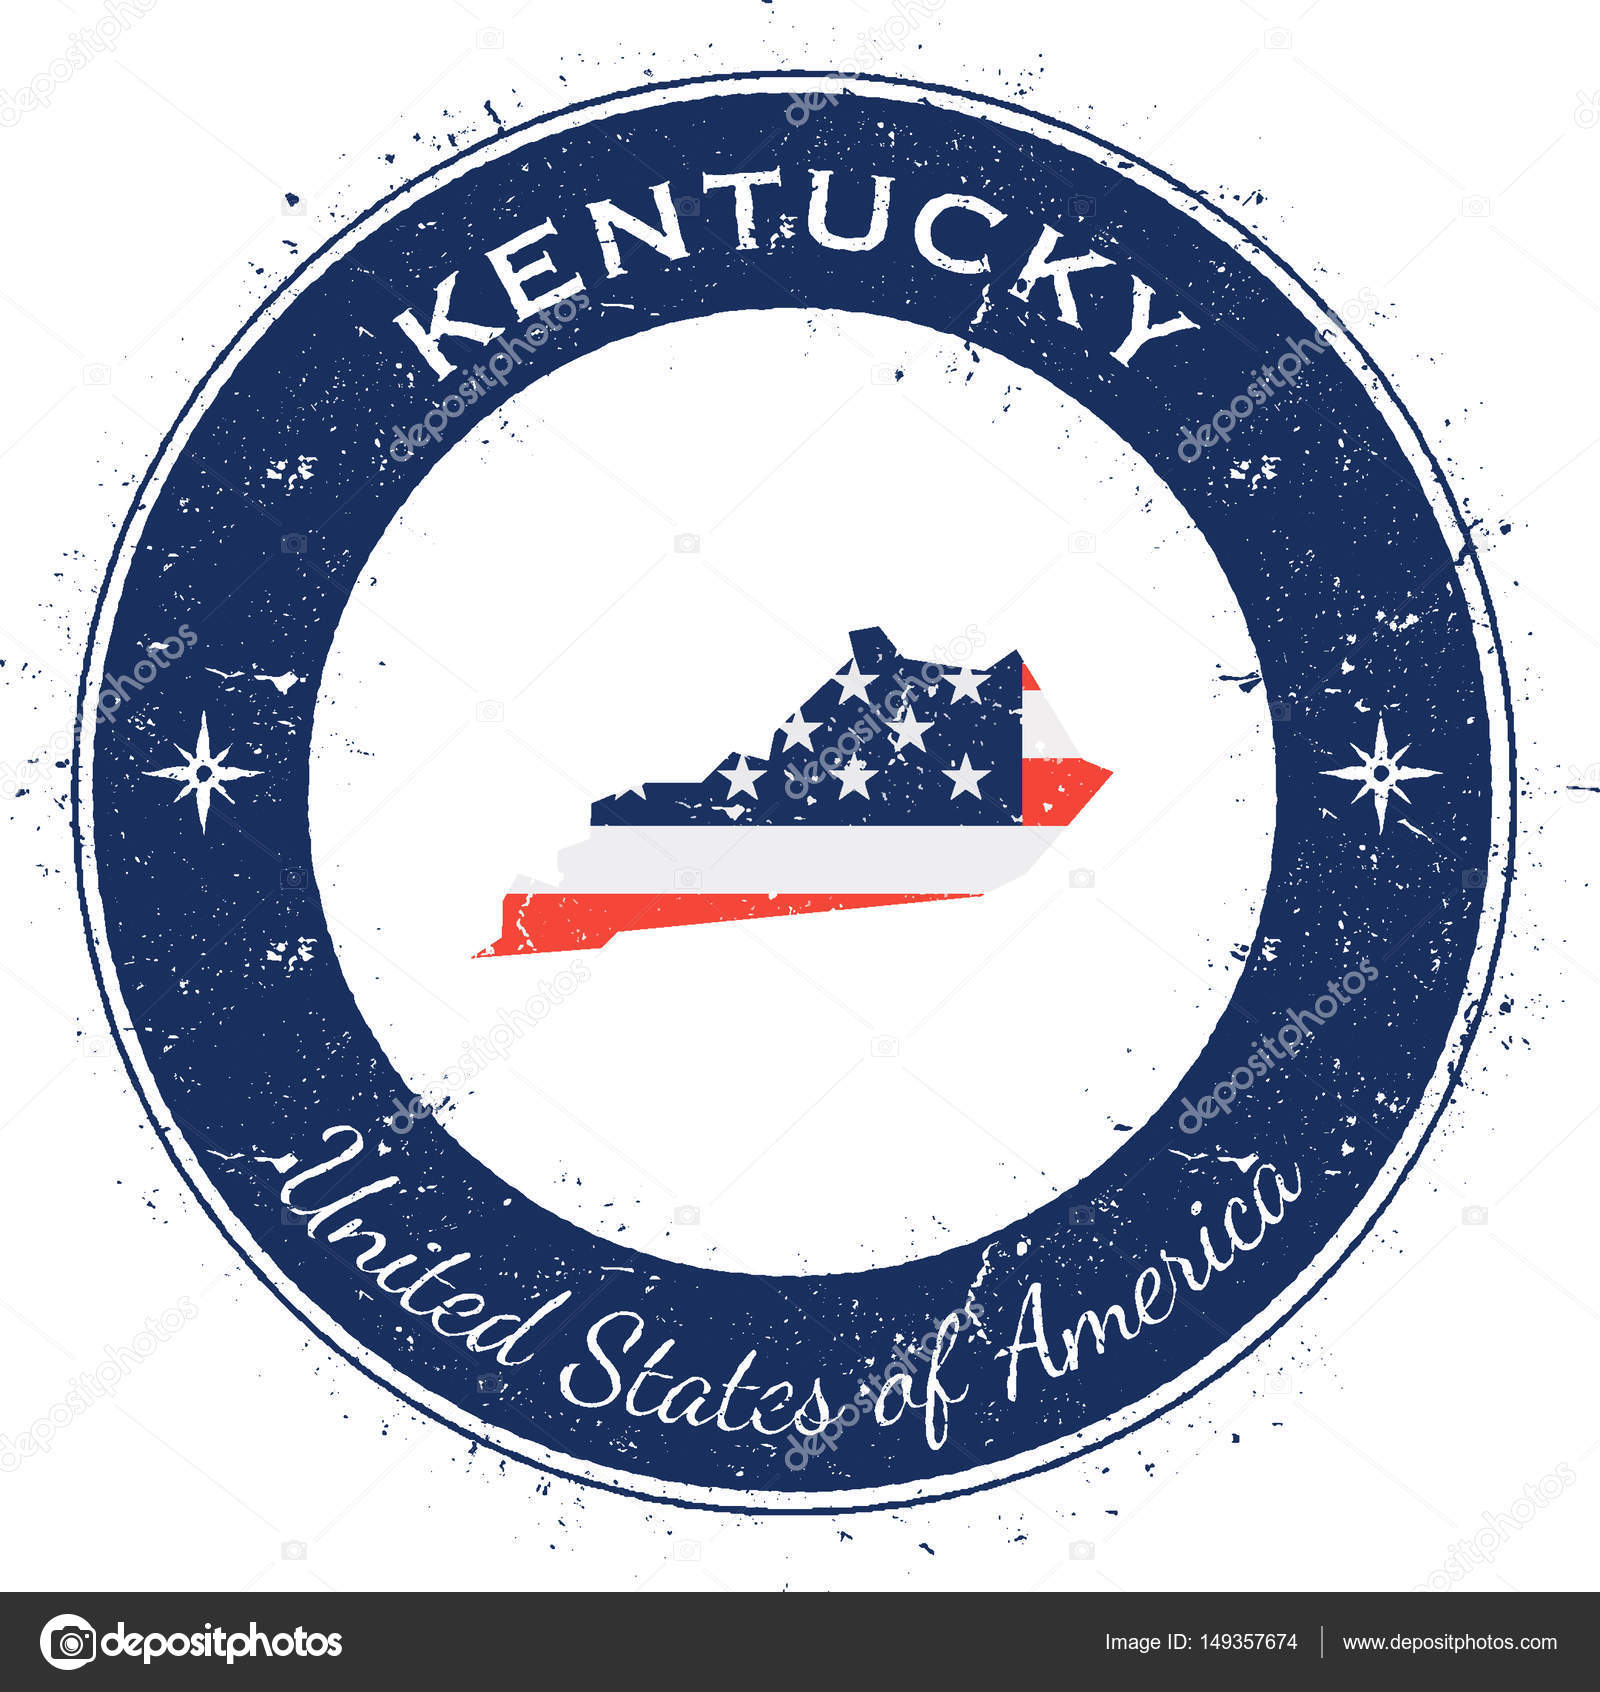 美国国家国旗地图与肯塔基州肯塔基州圆爱国徽章 grunge 橡皮戳